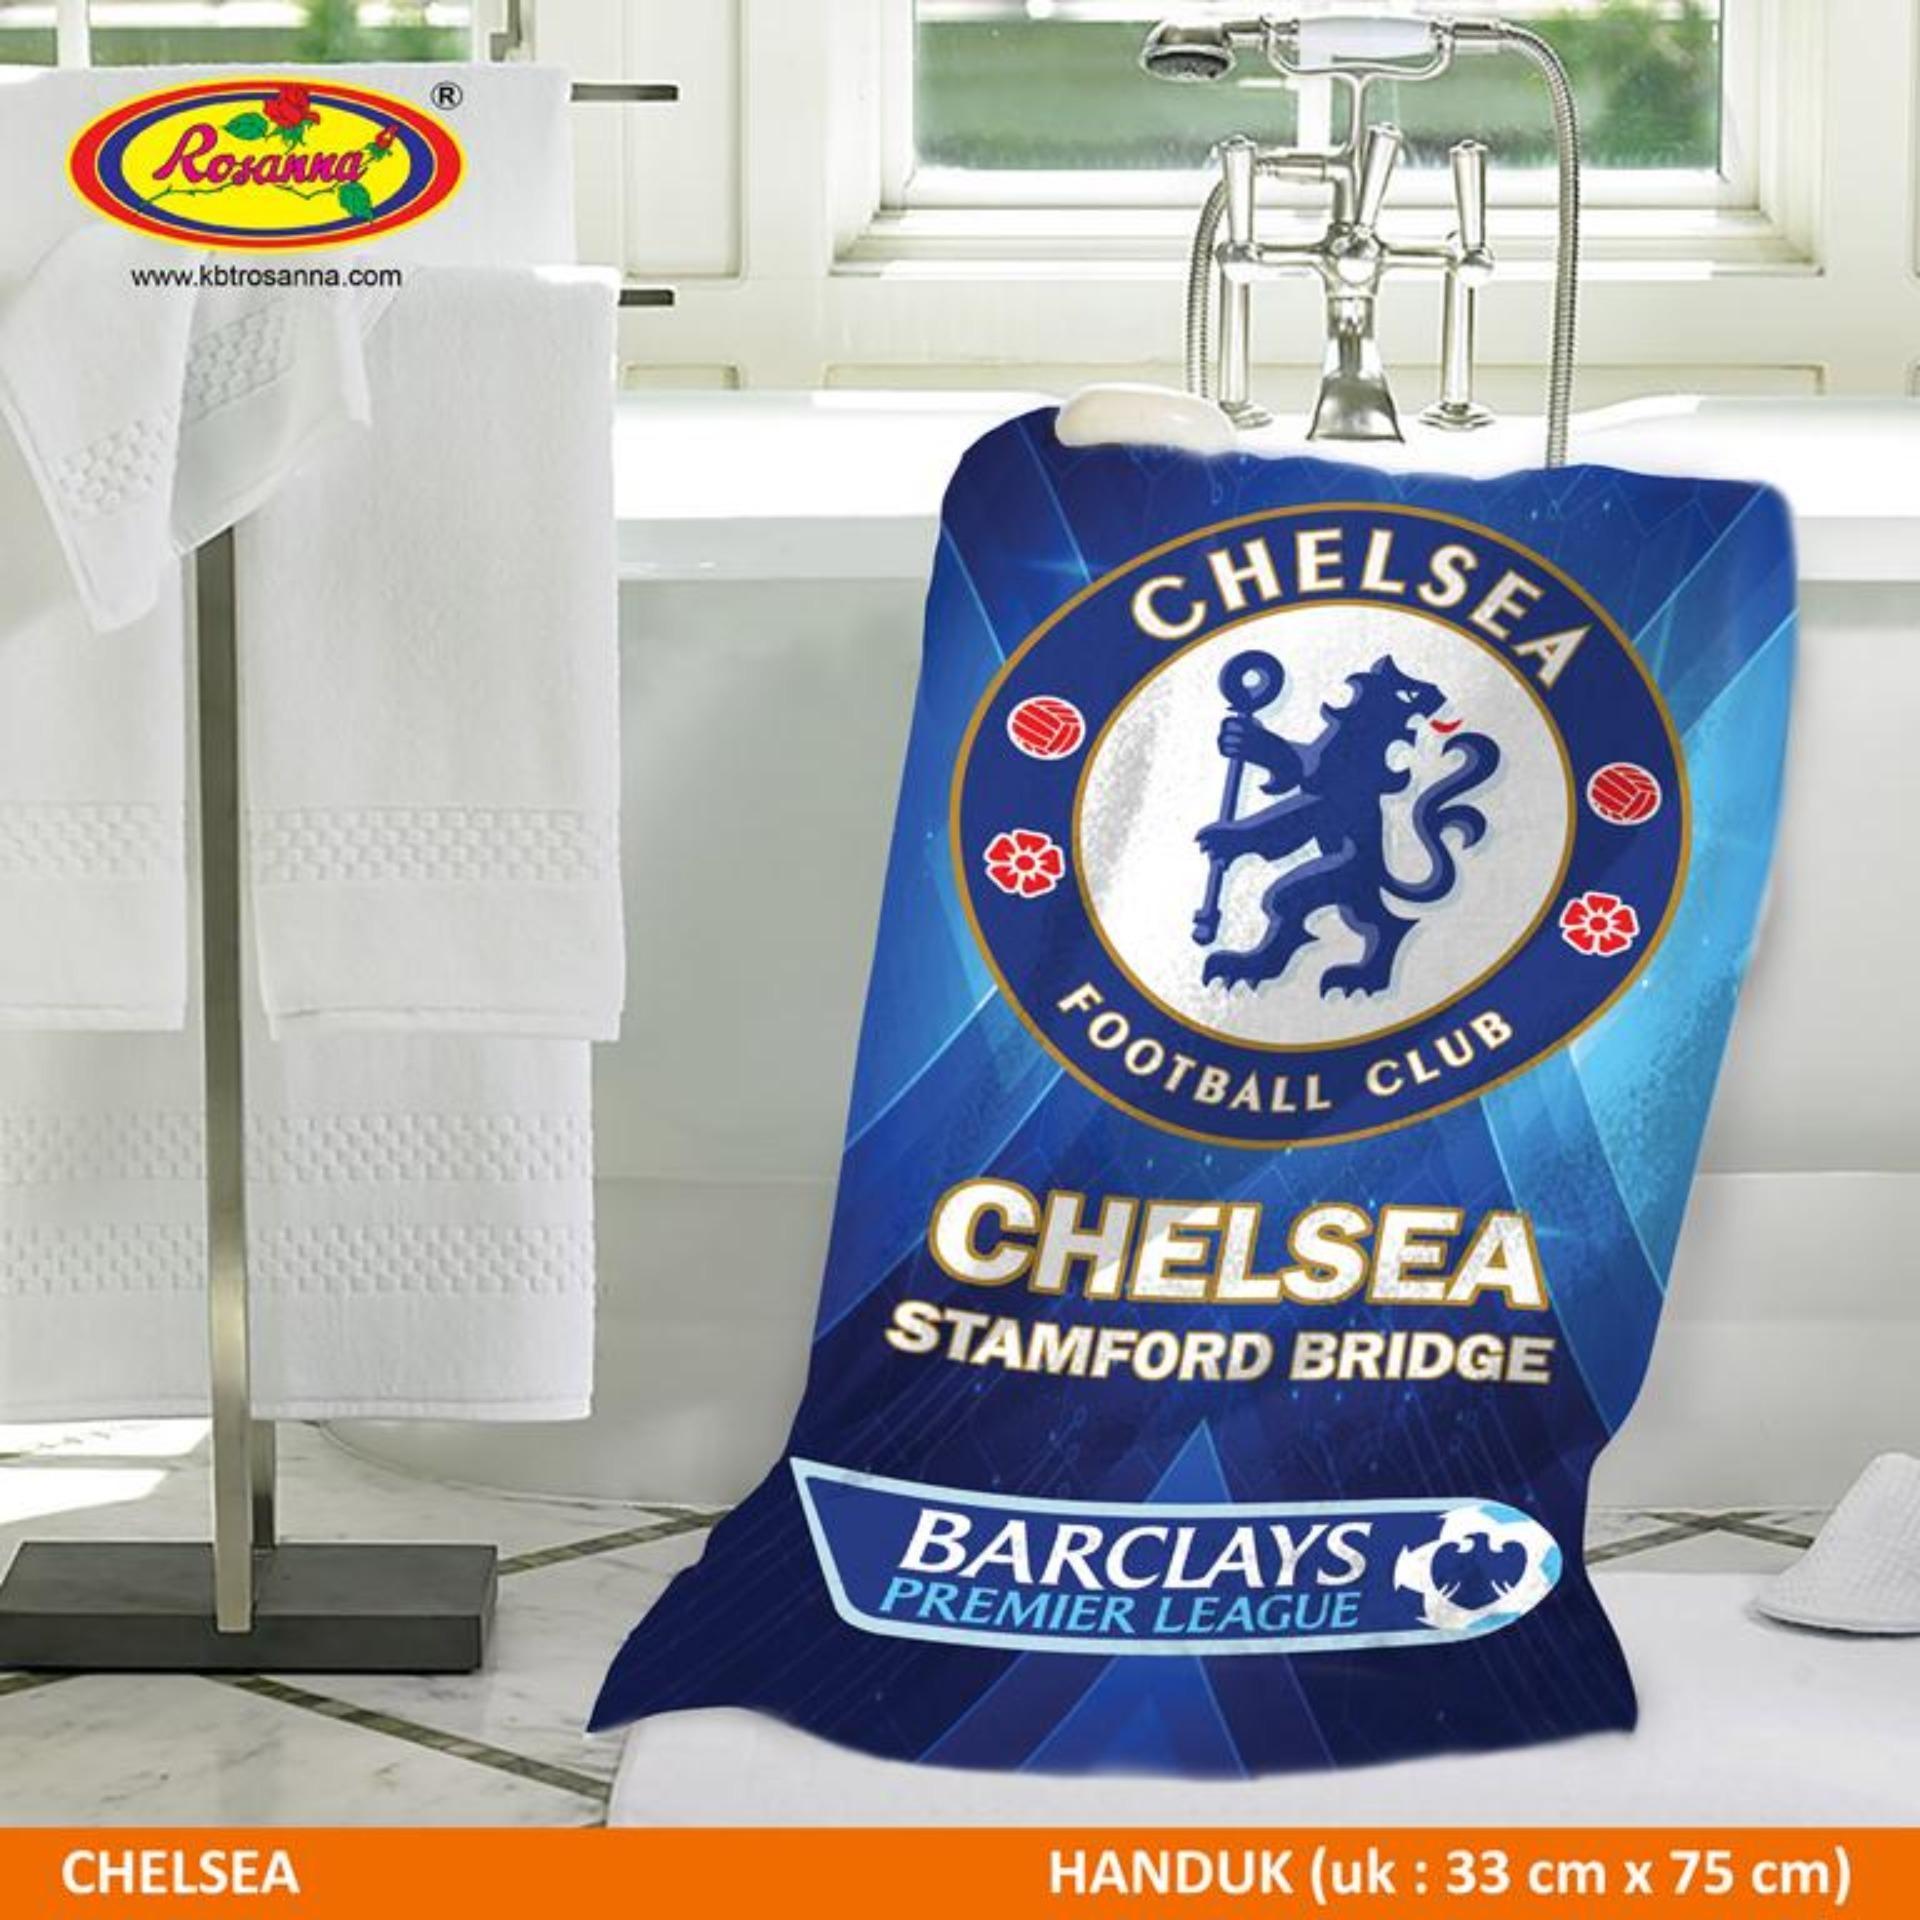 Handuk Rosanna Printing 33x75 Chelsea